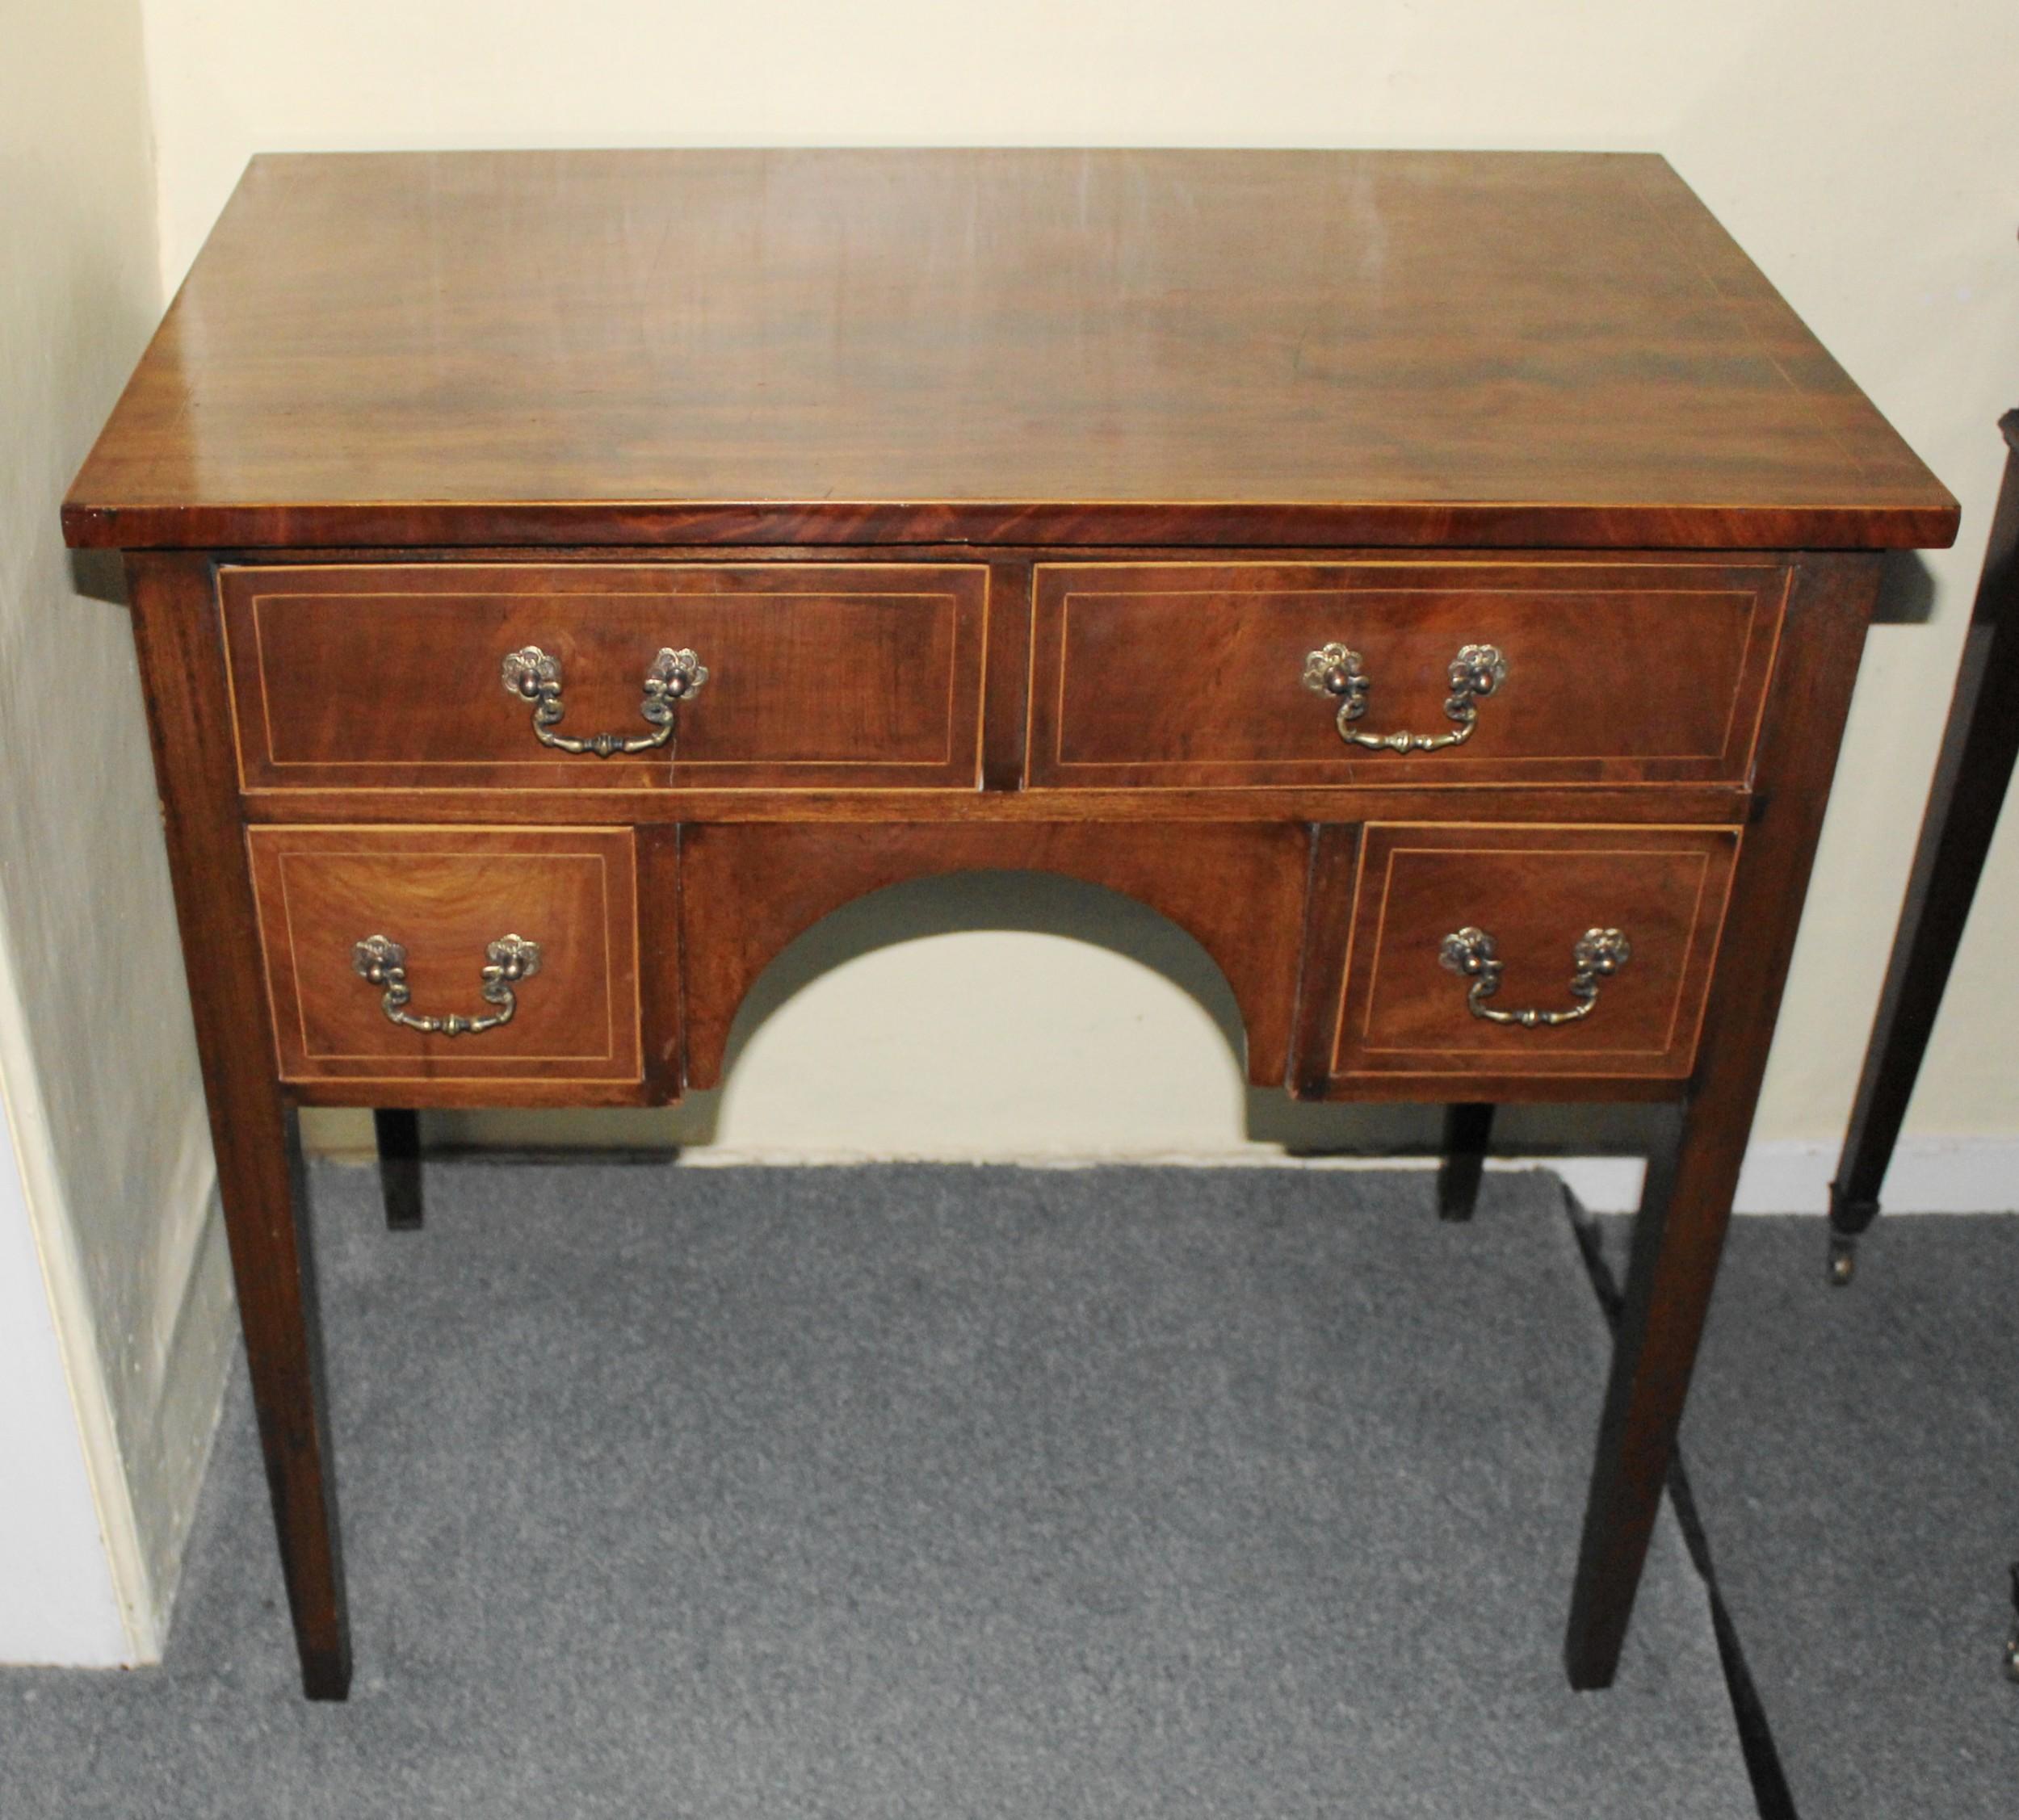 early 19th century mahogany kneehole side table